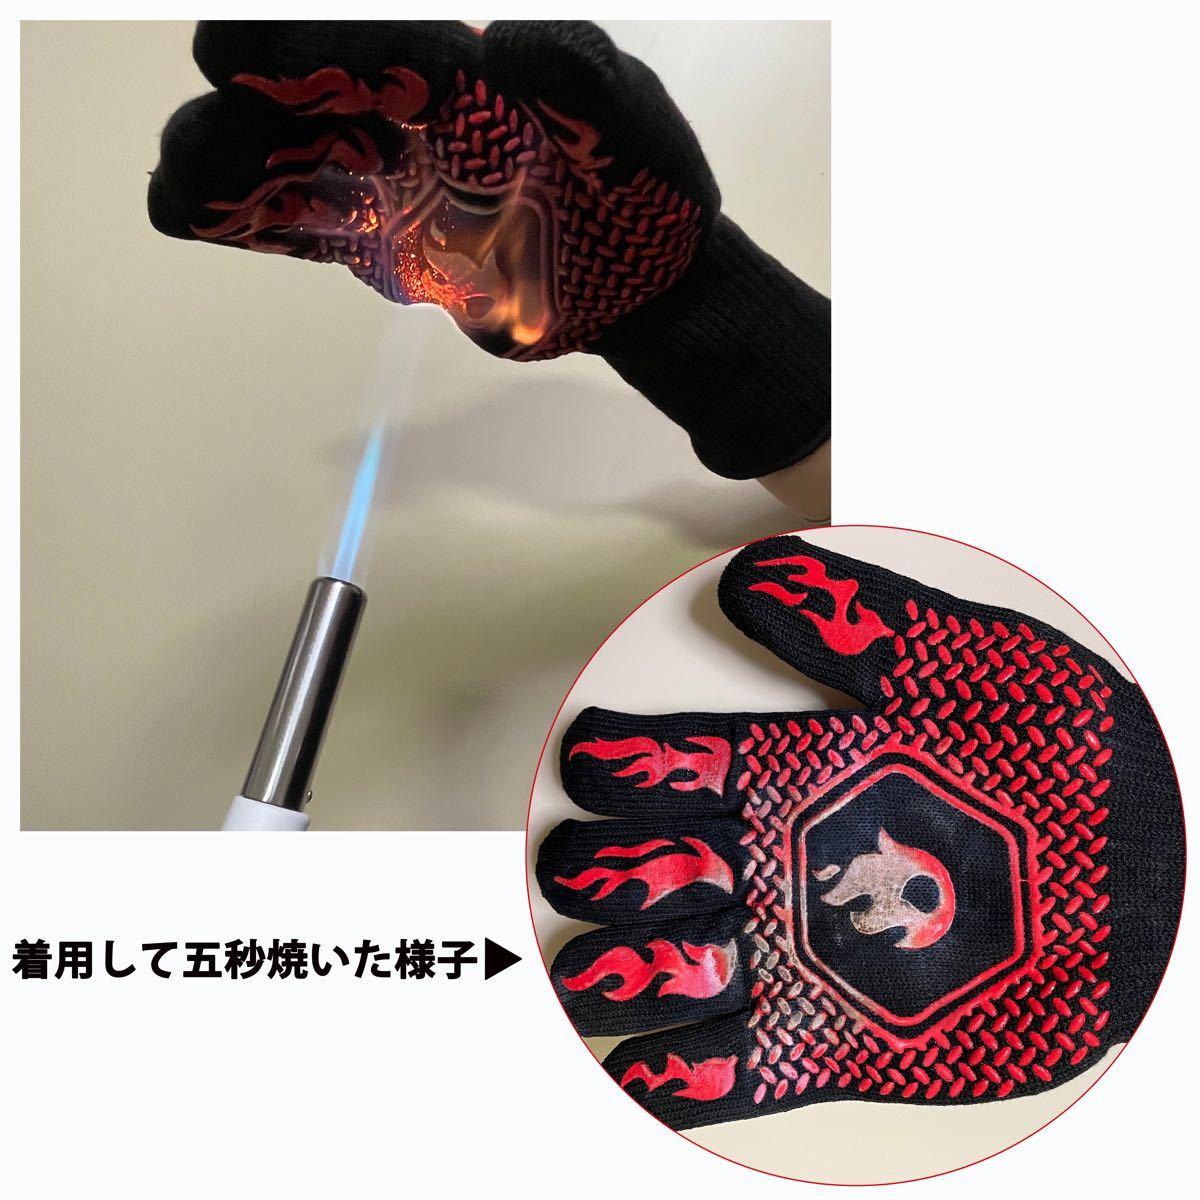 耐熱グローブ バーベキューグローブ 最高耐熱温度800℃ 滑り止め 着脱簡単